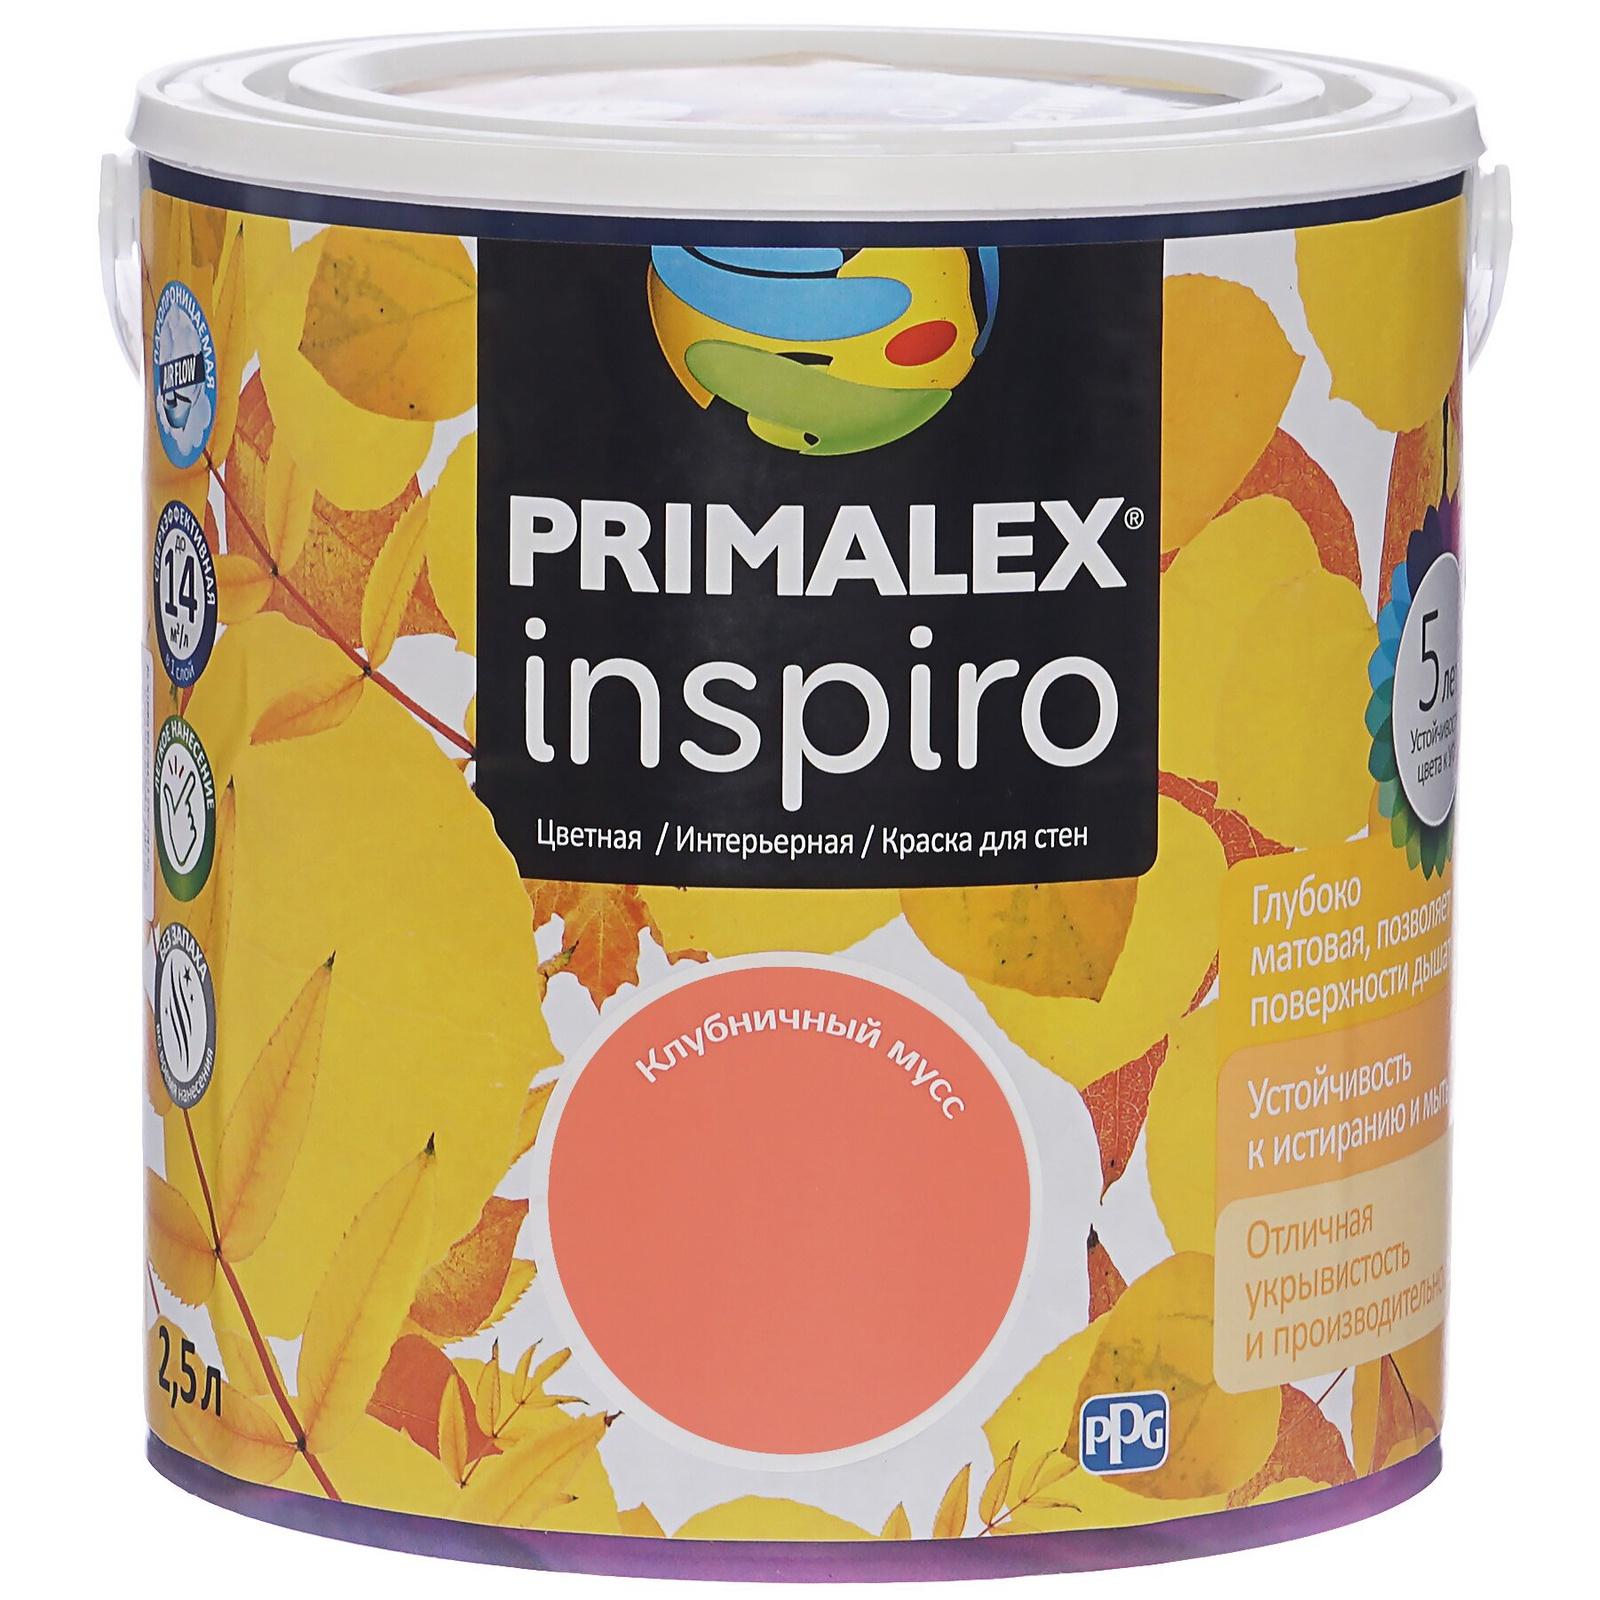 Краска PPG Primalex Inspiro Клубничный Мусс 2,5л, 420161